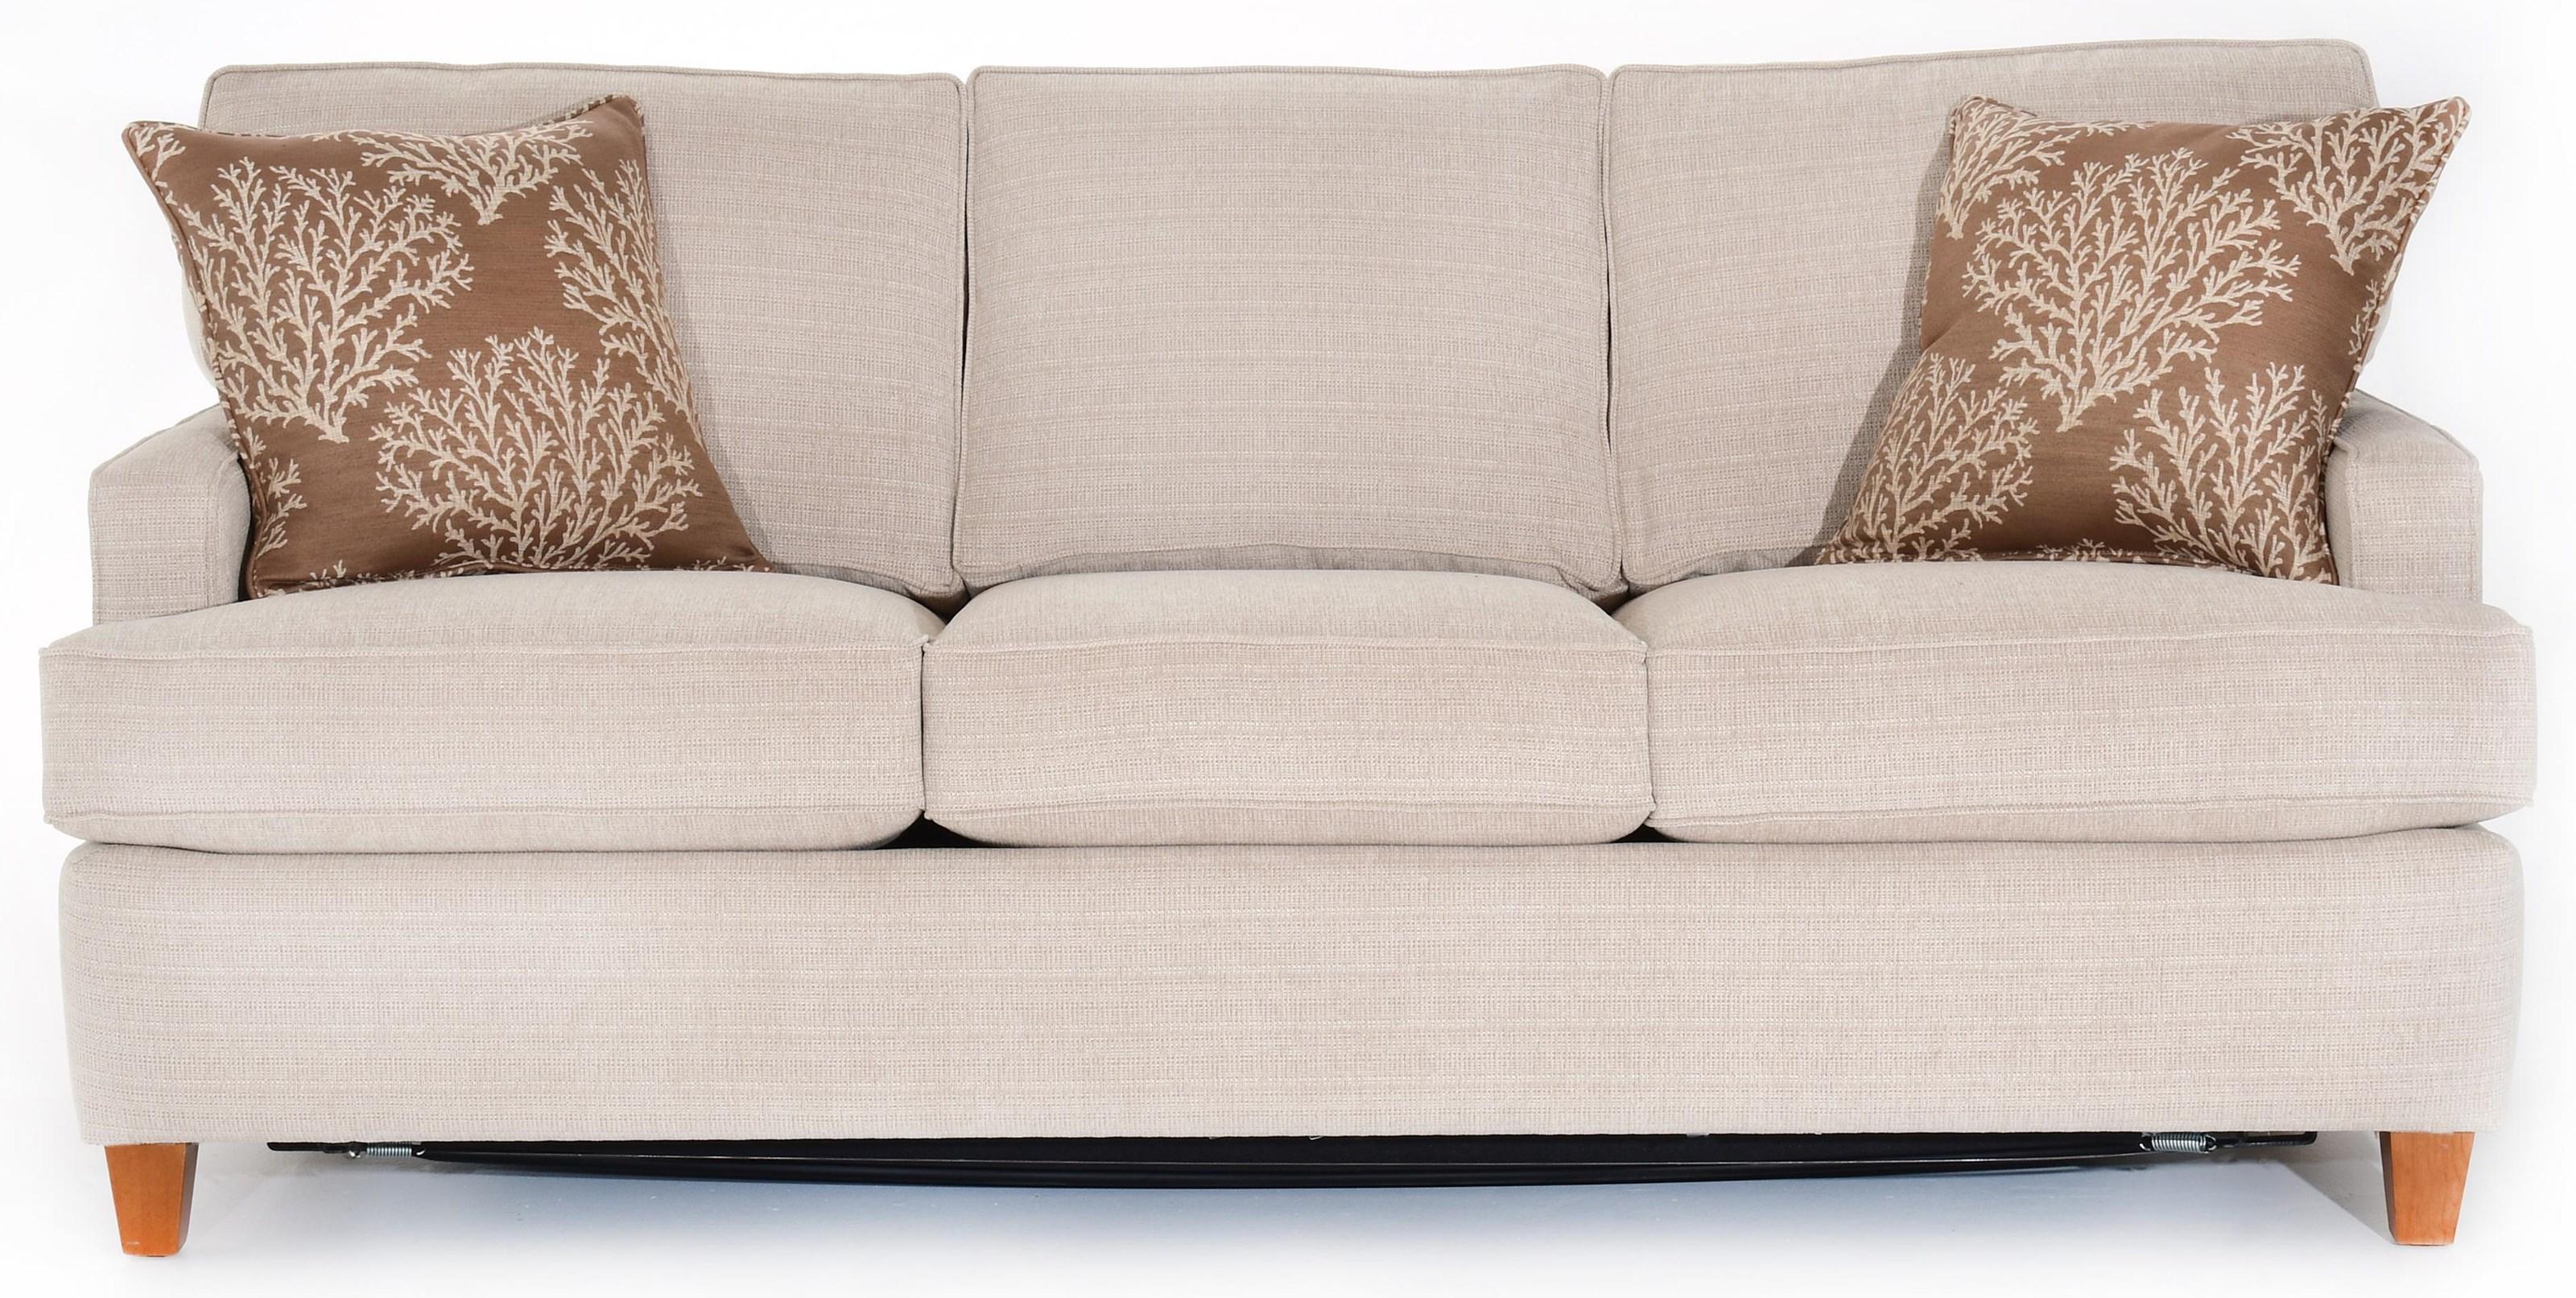 Capris Furniture 162 S162 Contemporary Small Scale Sofa